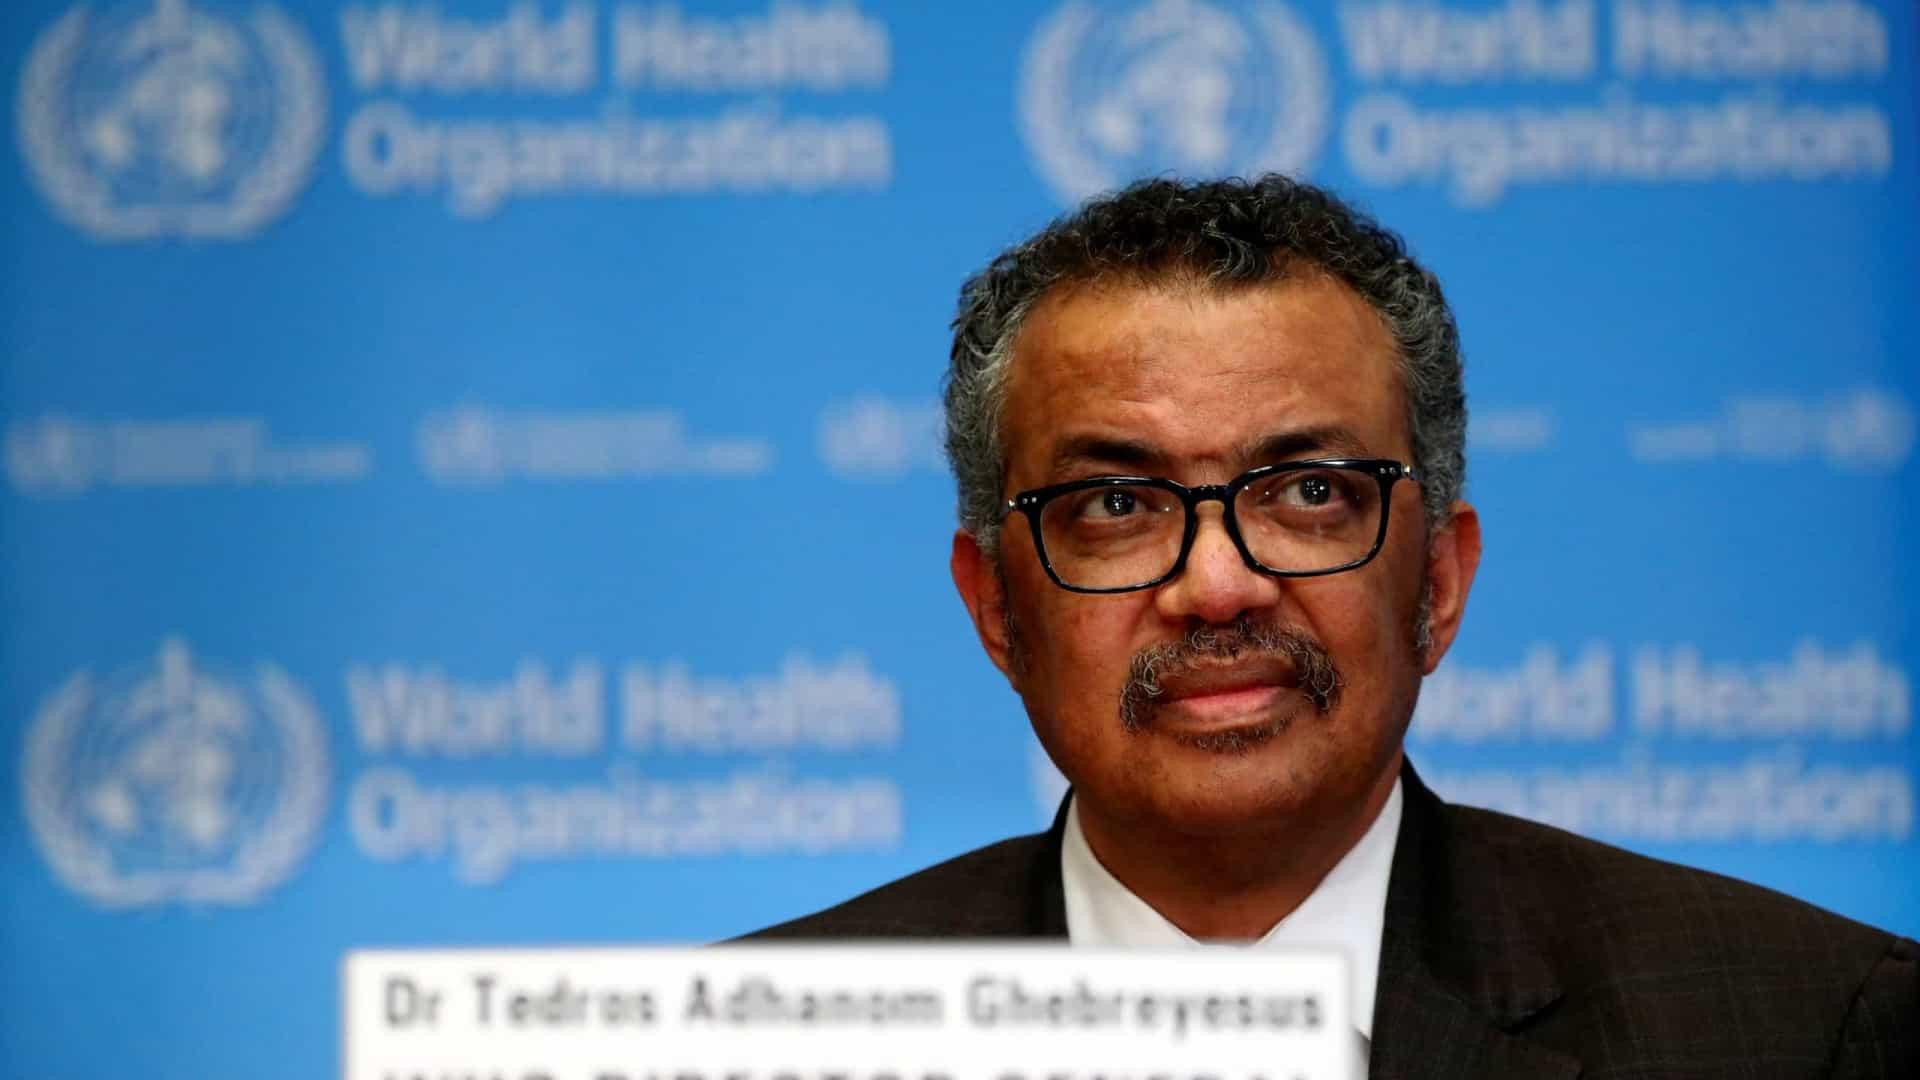 naom 5e98439bdf7ce - Para OMS, vários países estão indo na direção errada na pandemia